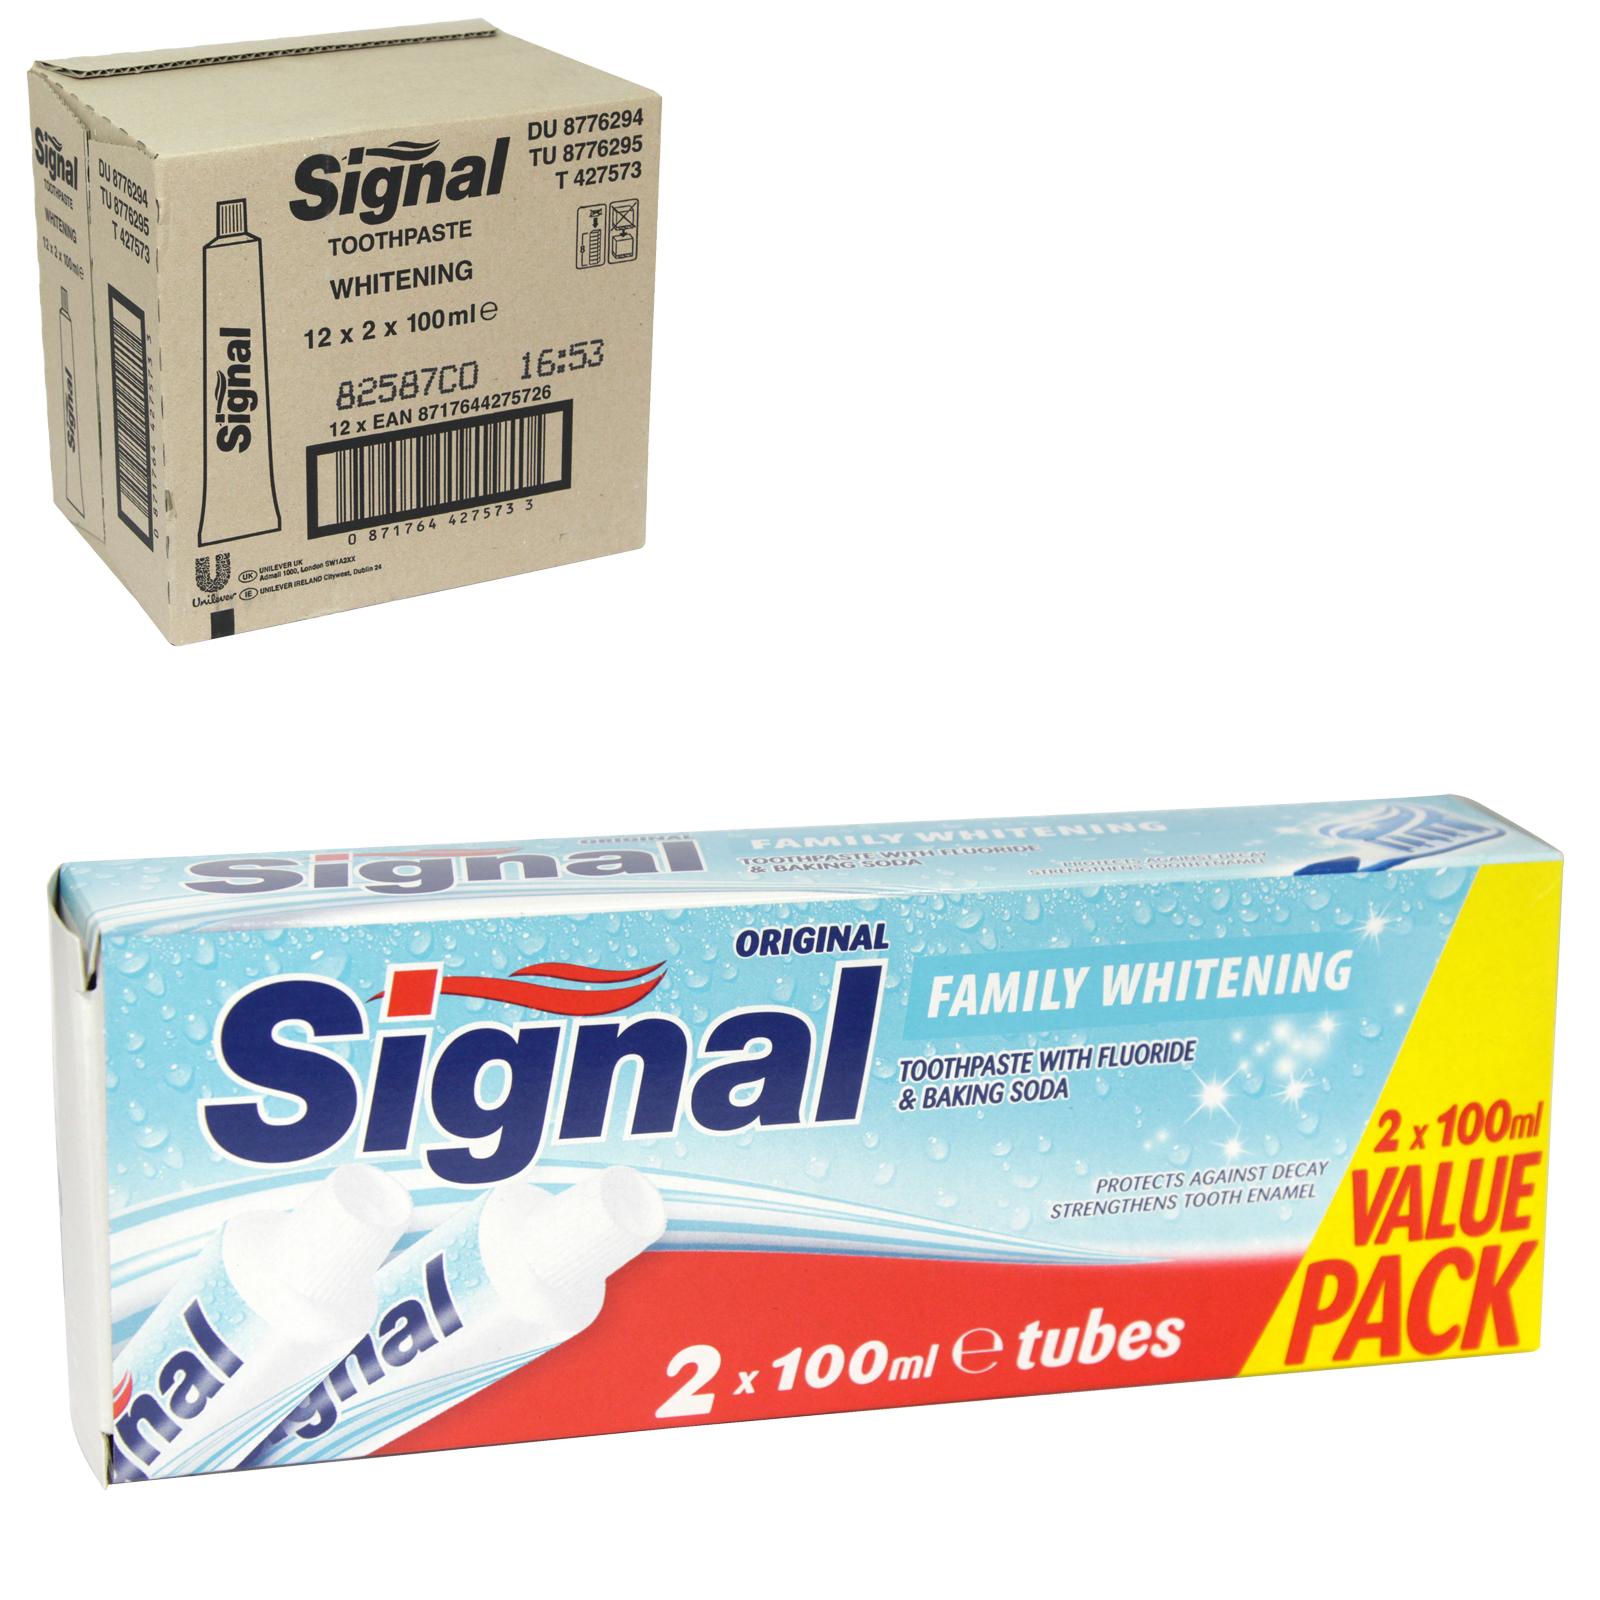 SIGNAL TOOTHPASTE 2X100ML FAMILY WHITENING X12